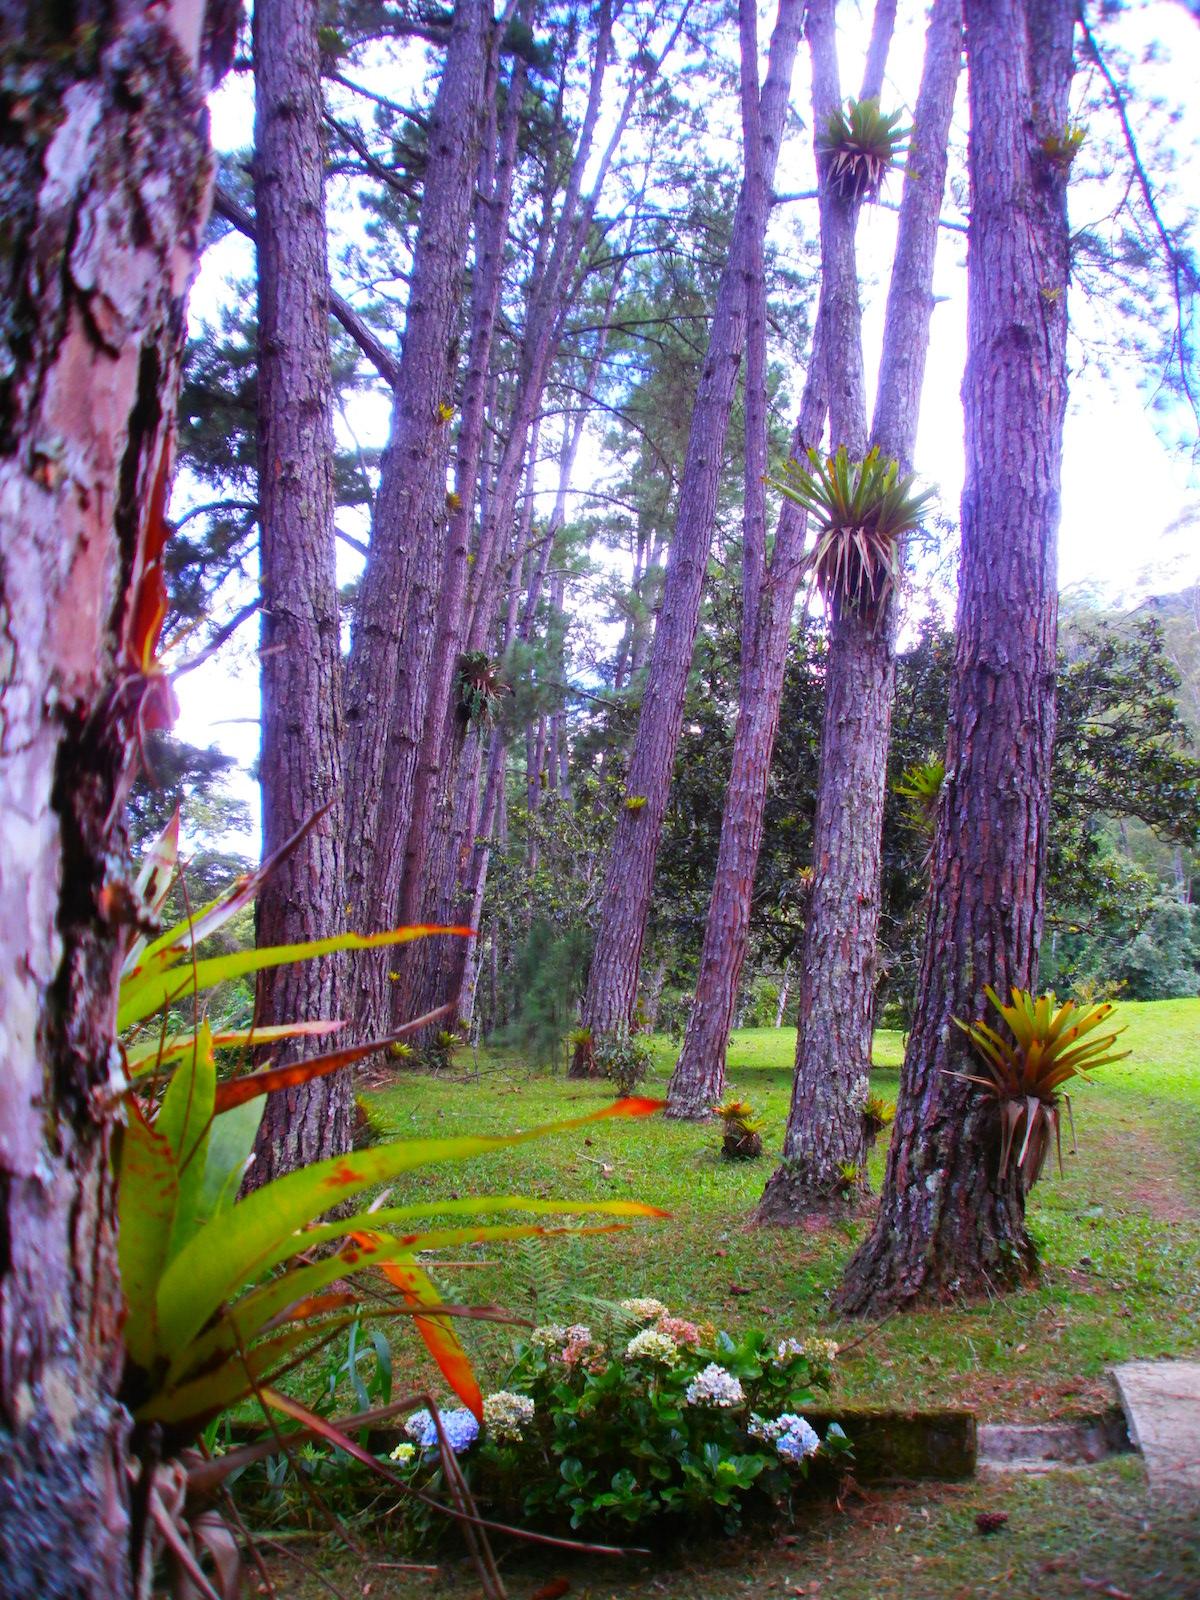 Imagens de #344097 Chalé Cabana do Pica Pau do Campo Refugio Ecológico Amadamata 1200x1600 px 2816 Box Banheiro Macae